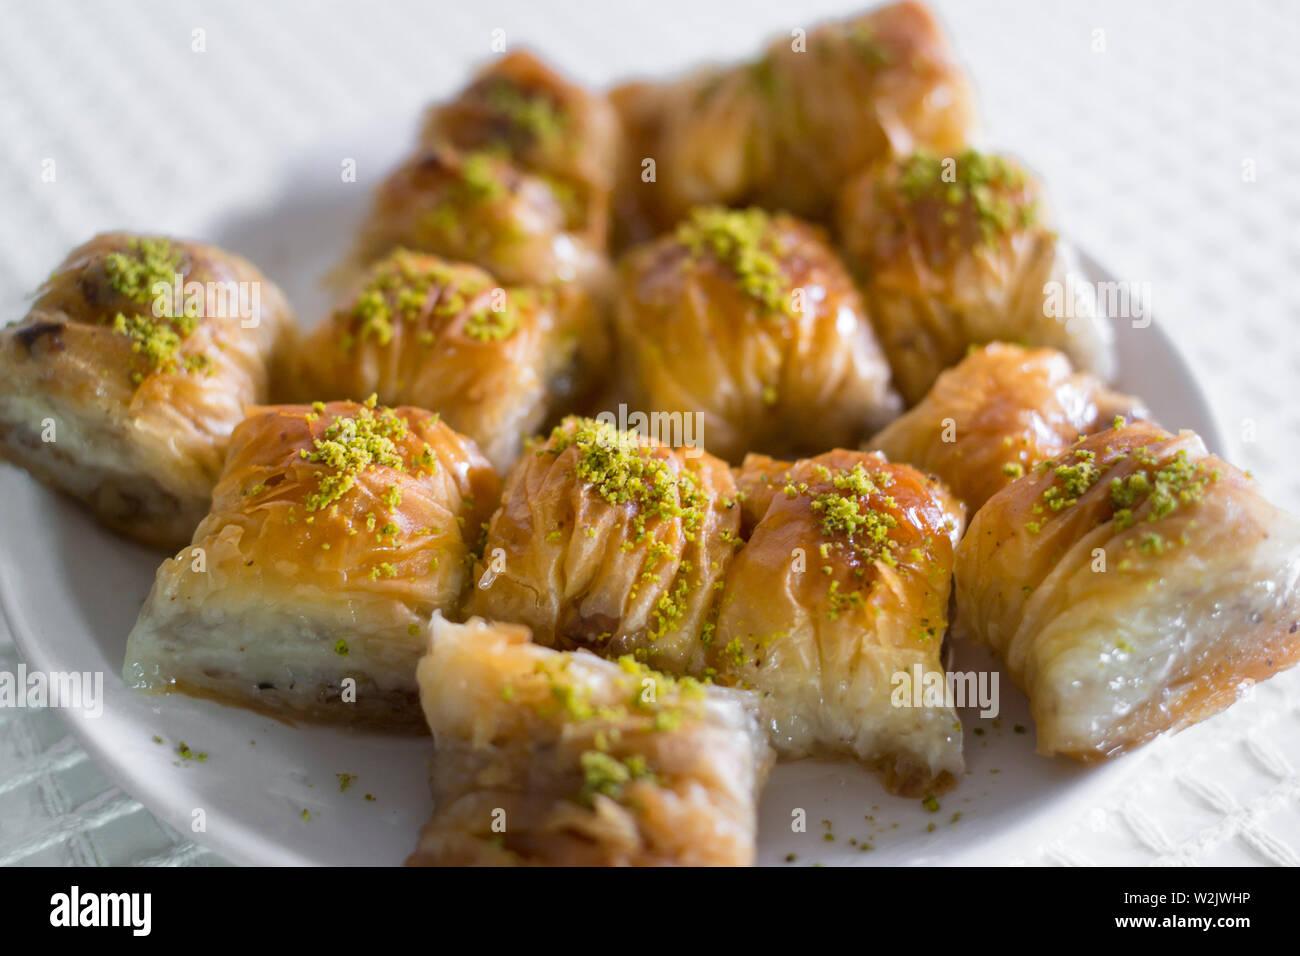 Baklava turcs faits maison en dessert avec plaque de pistache verte Banque D'Images